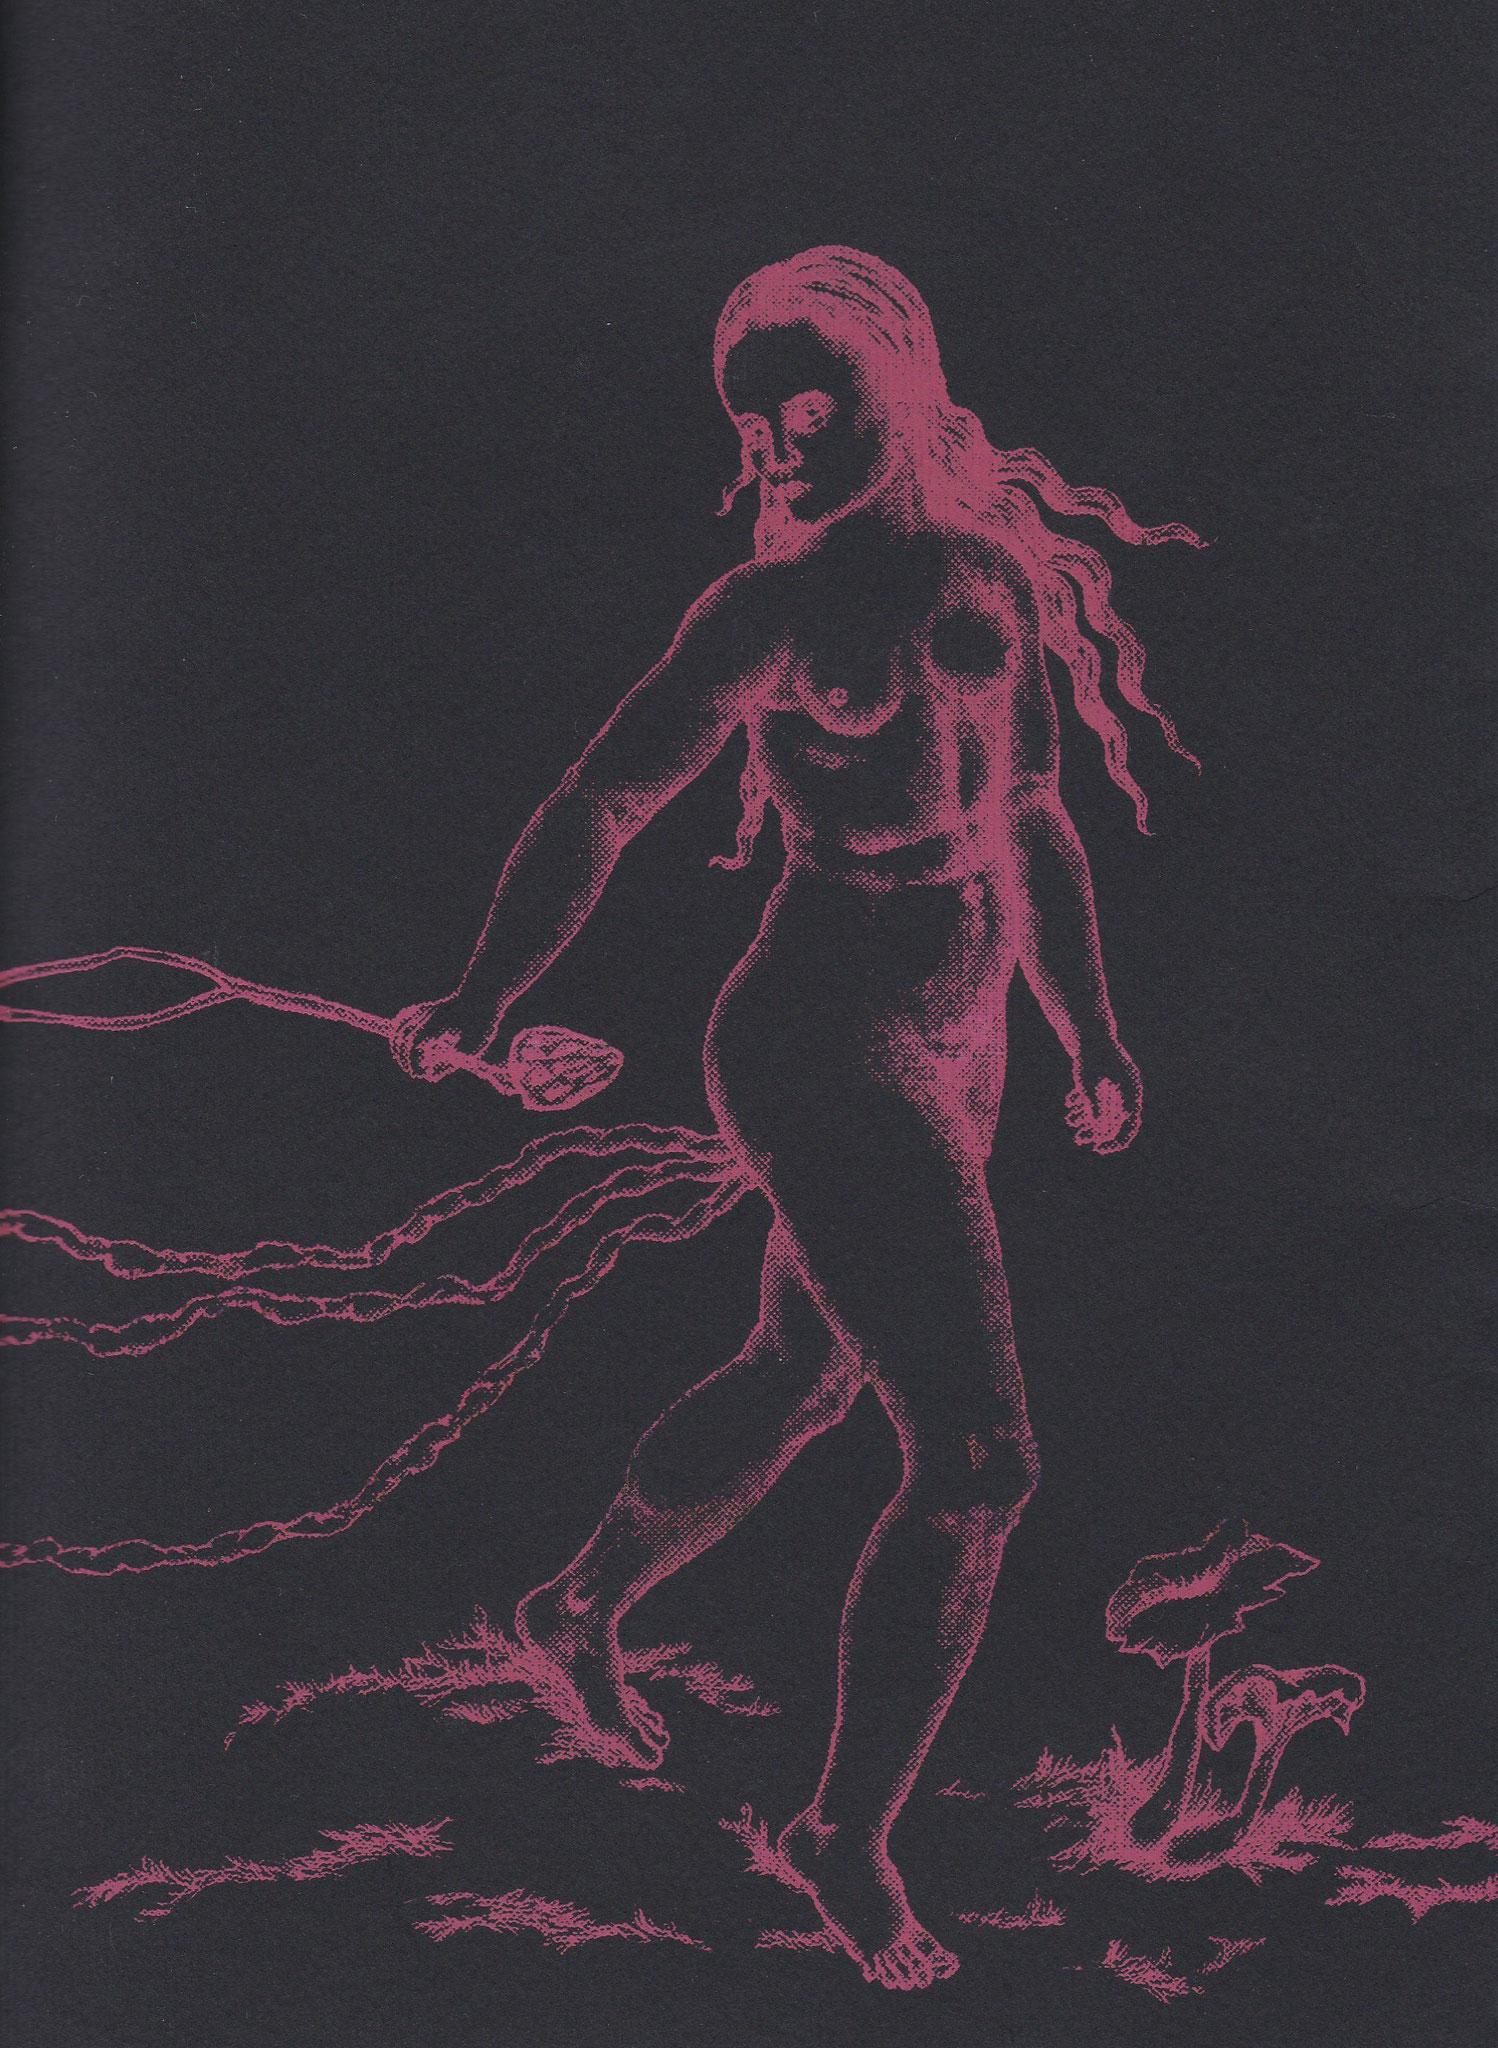 Avortons, Fanzine collectif autour des avortements de 40 pages, édité à 100 exemplaires, 15.5x21cm, Pole Ka, 2020